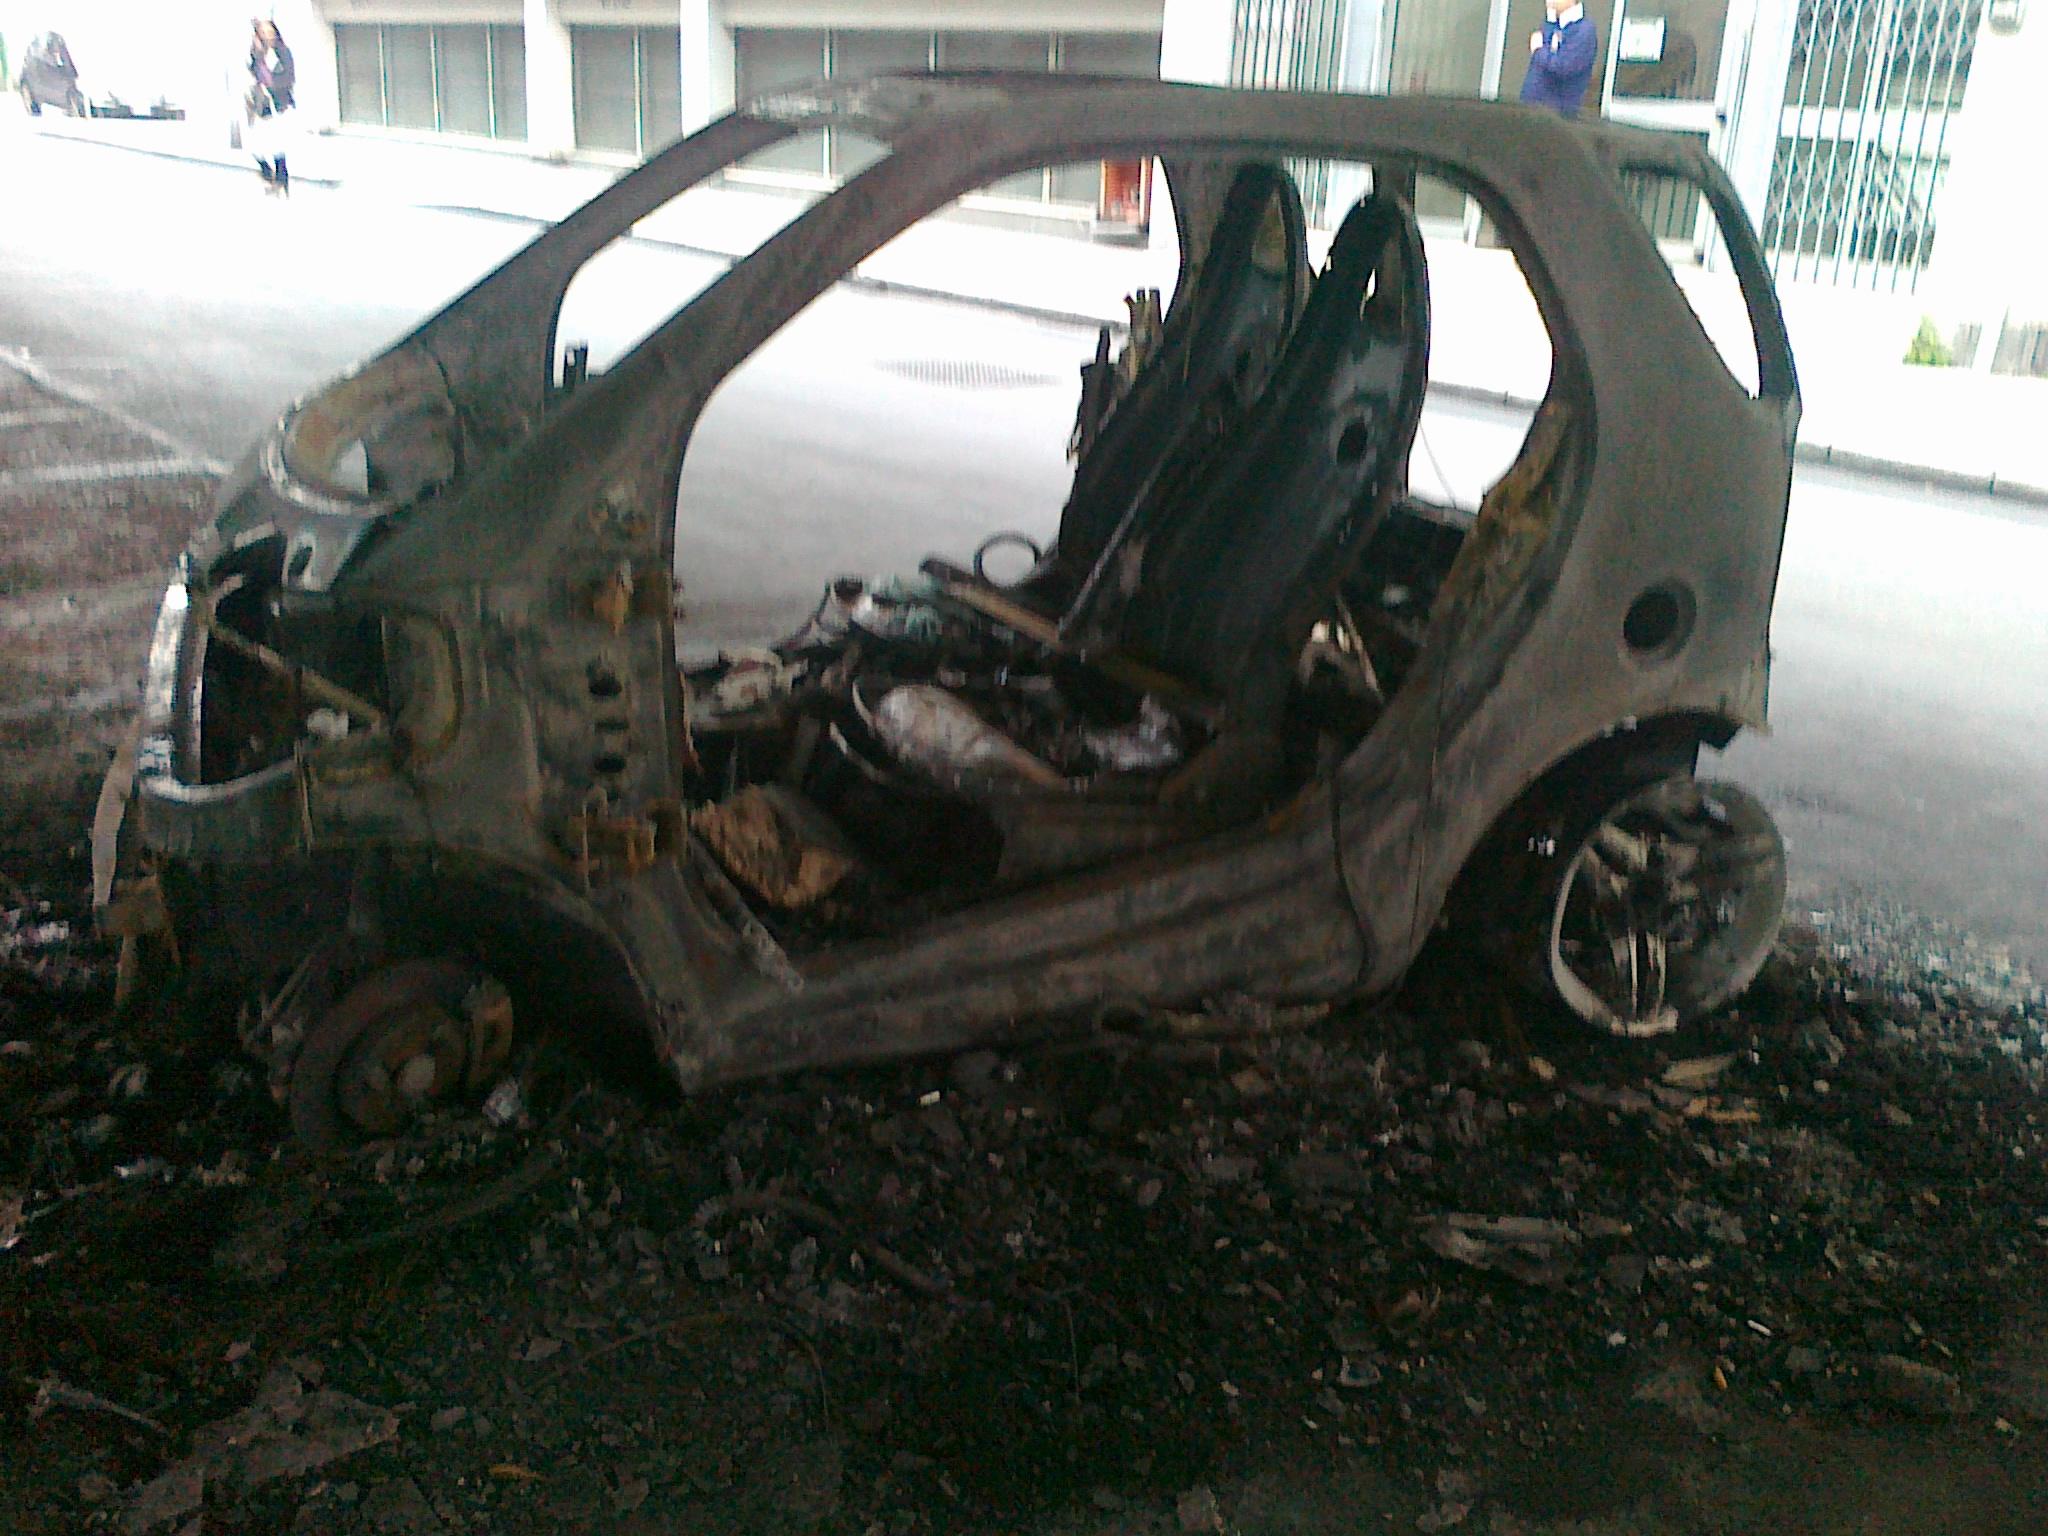 Bari momenti diterrore, quartiere Madonnella, un'auto in fiamme